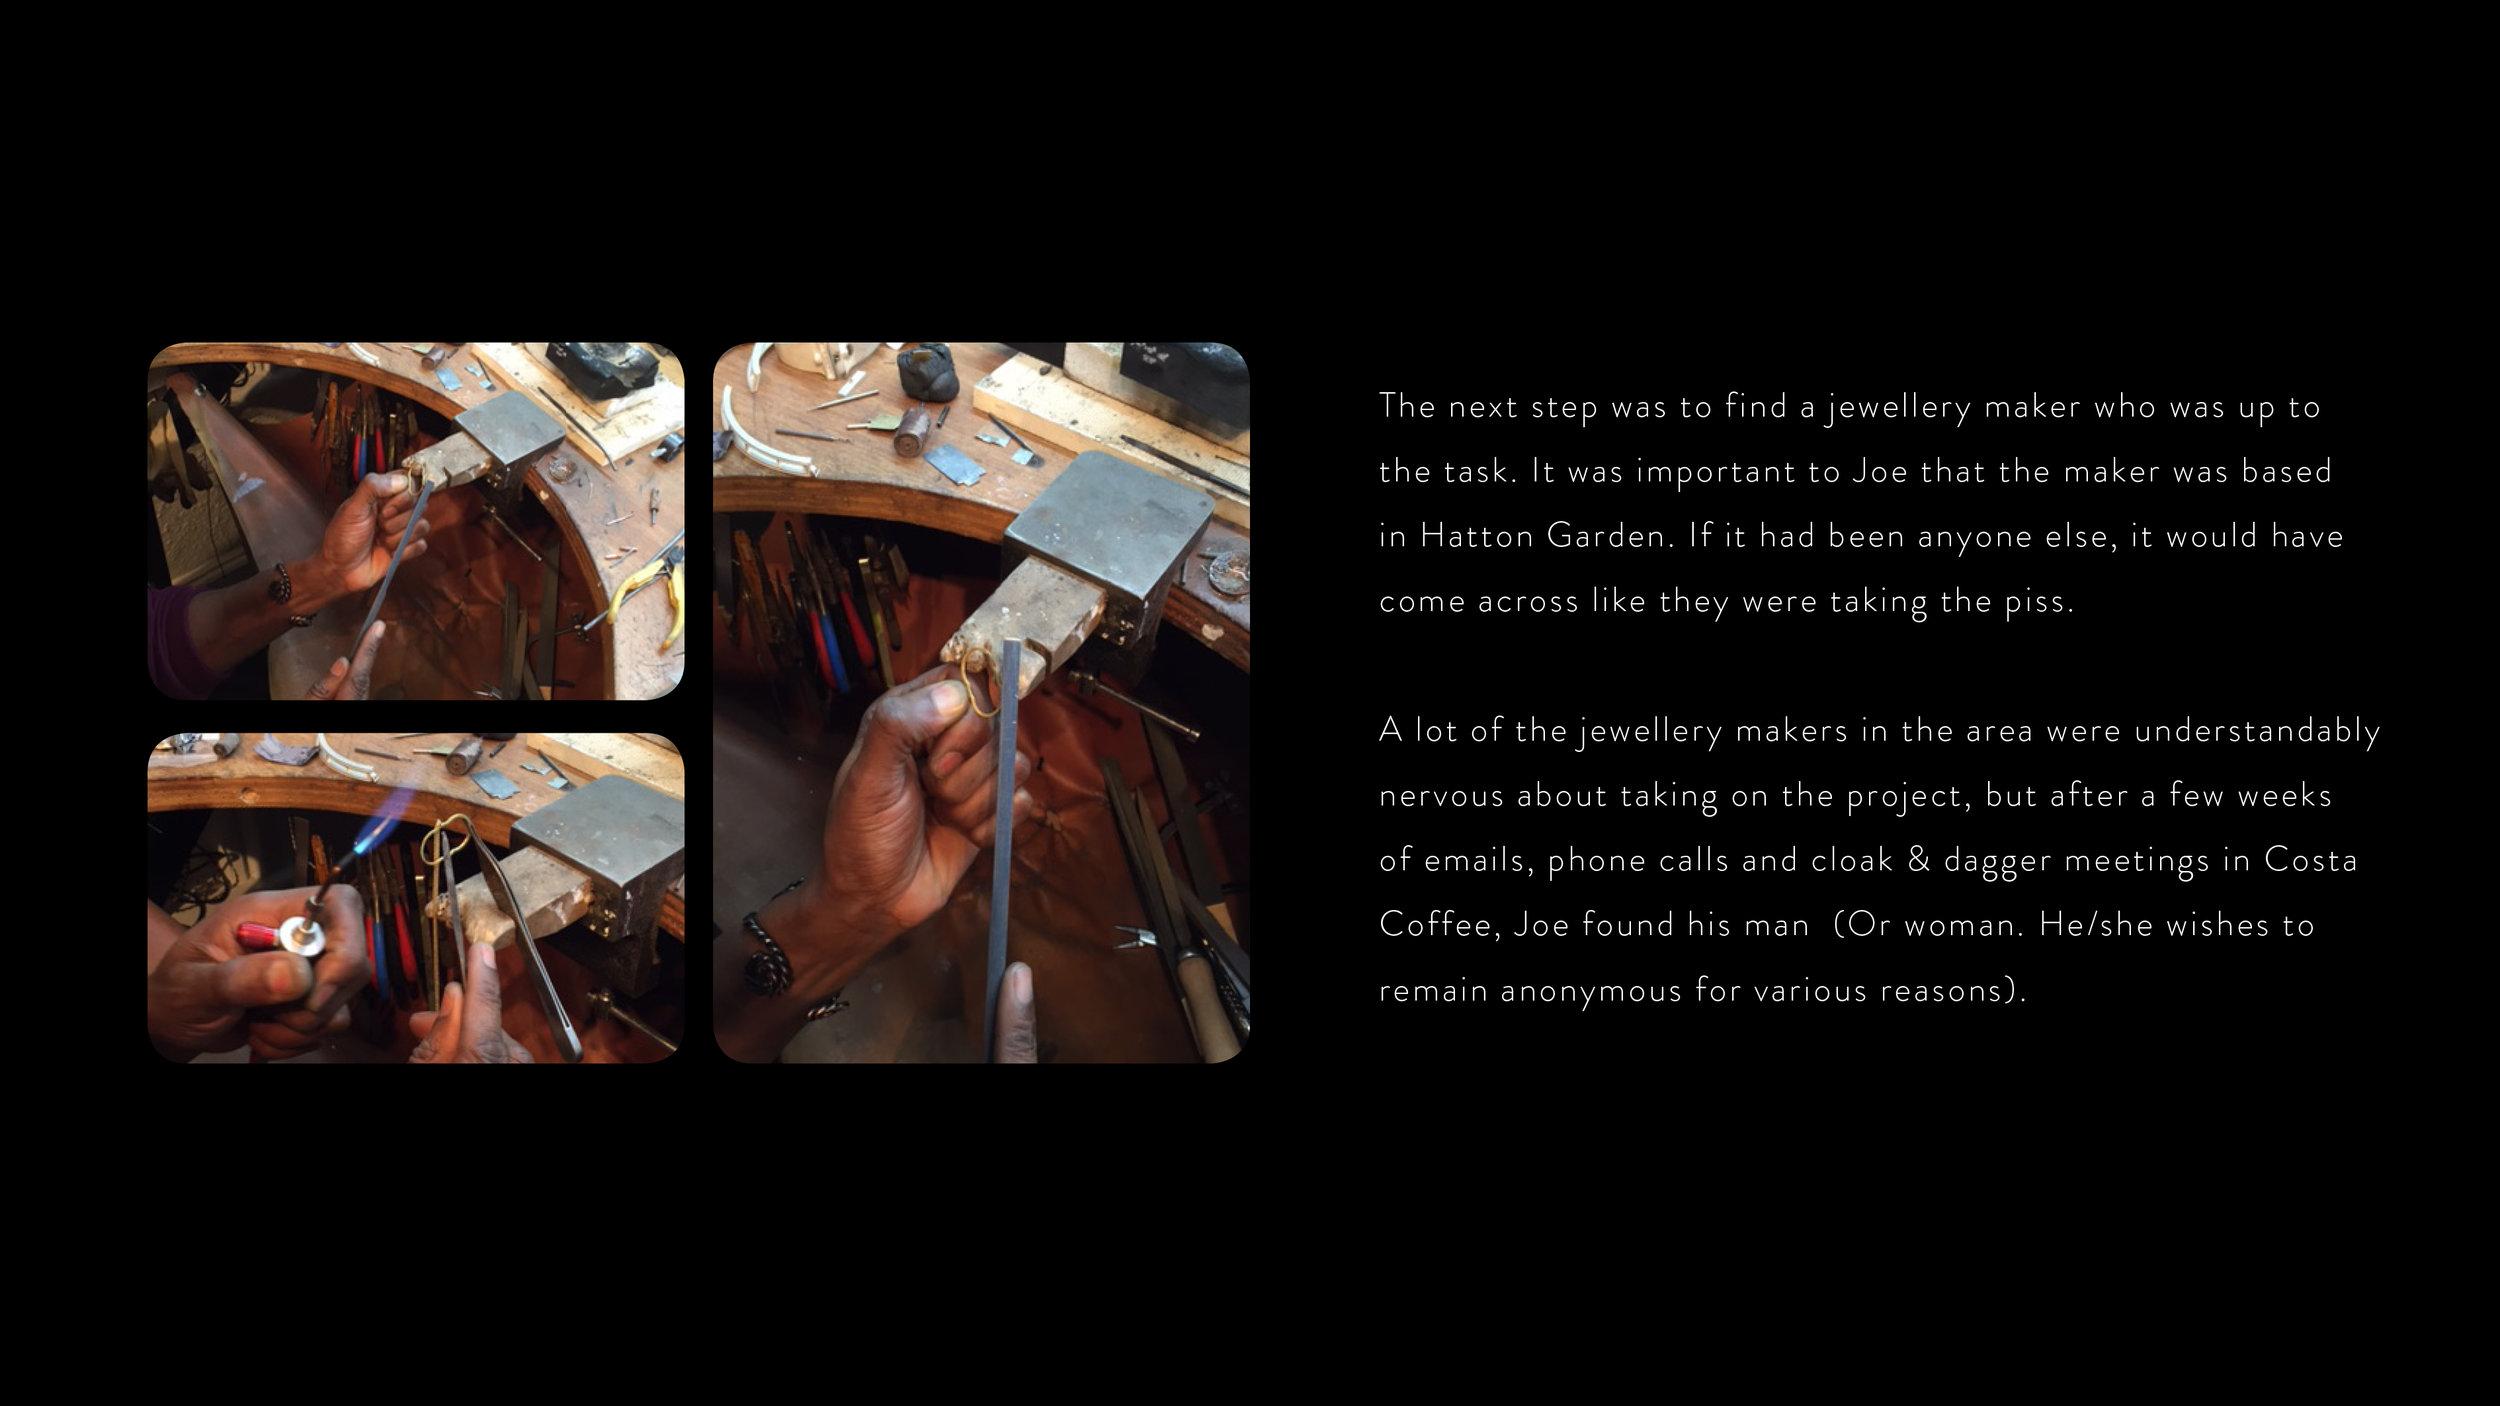 hatton garden heist deck[1] 8.jpg